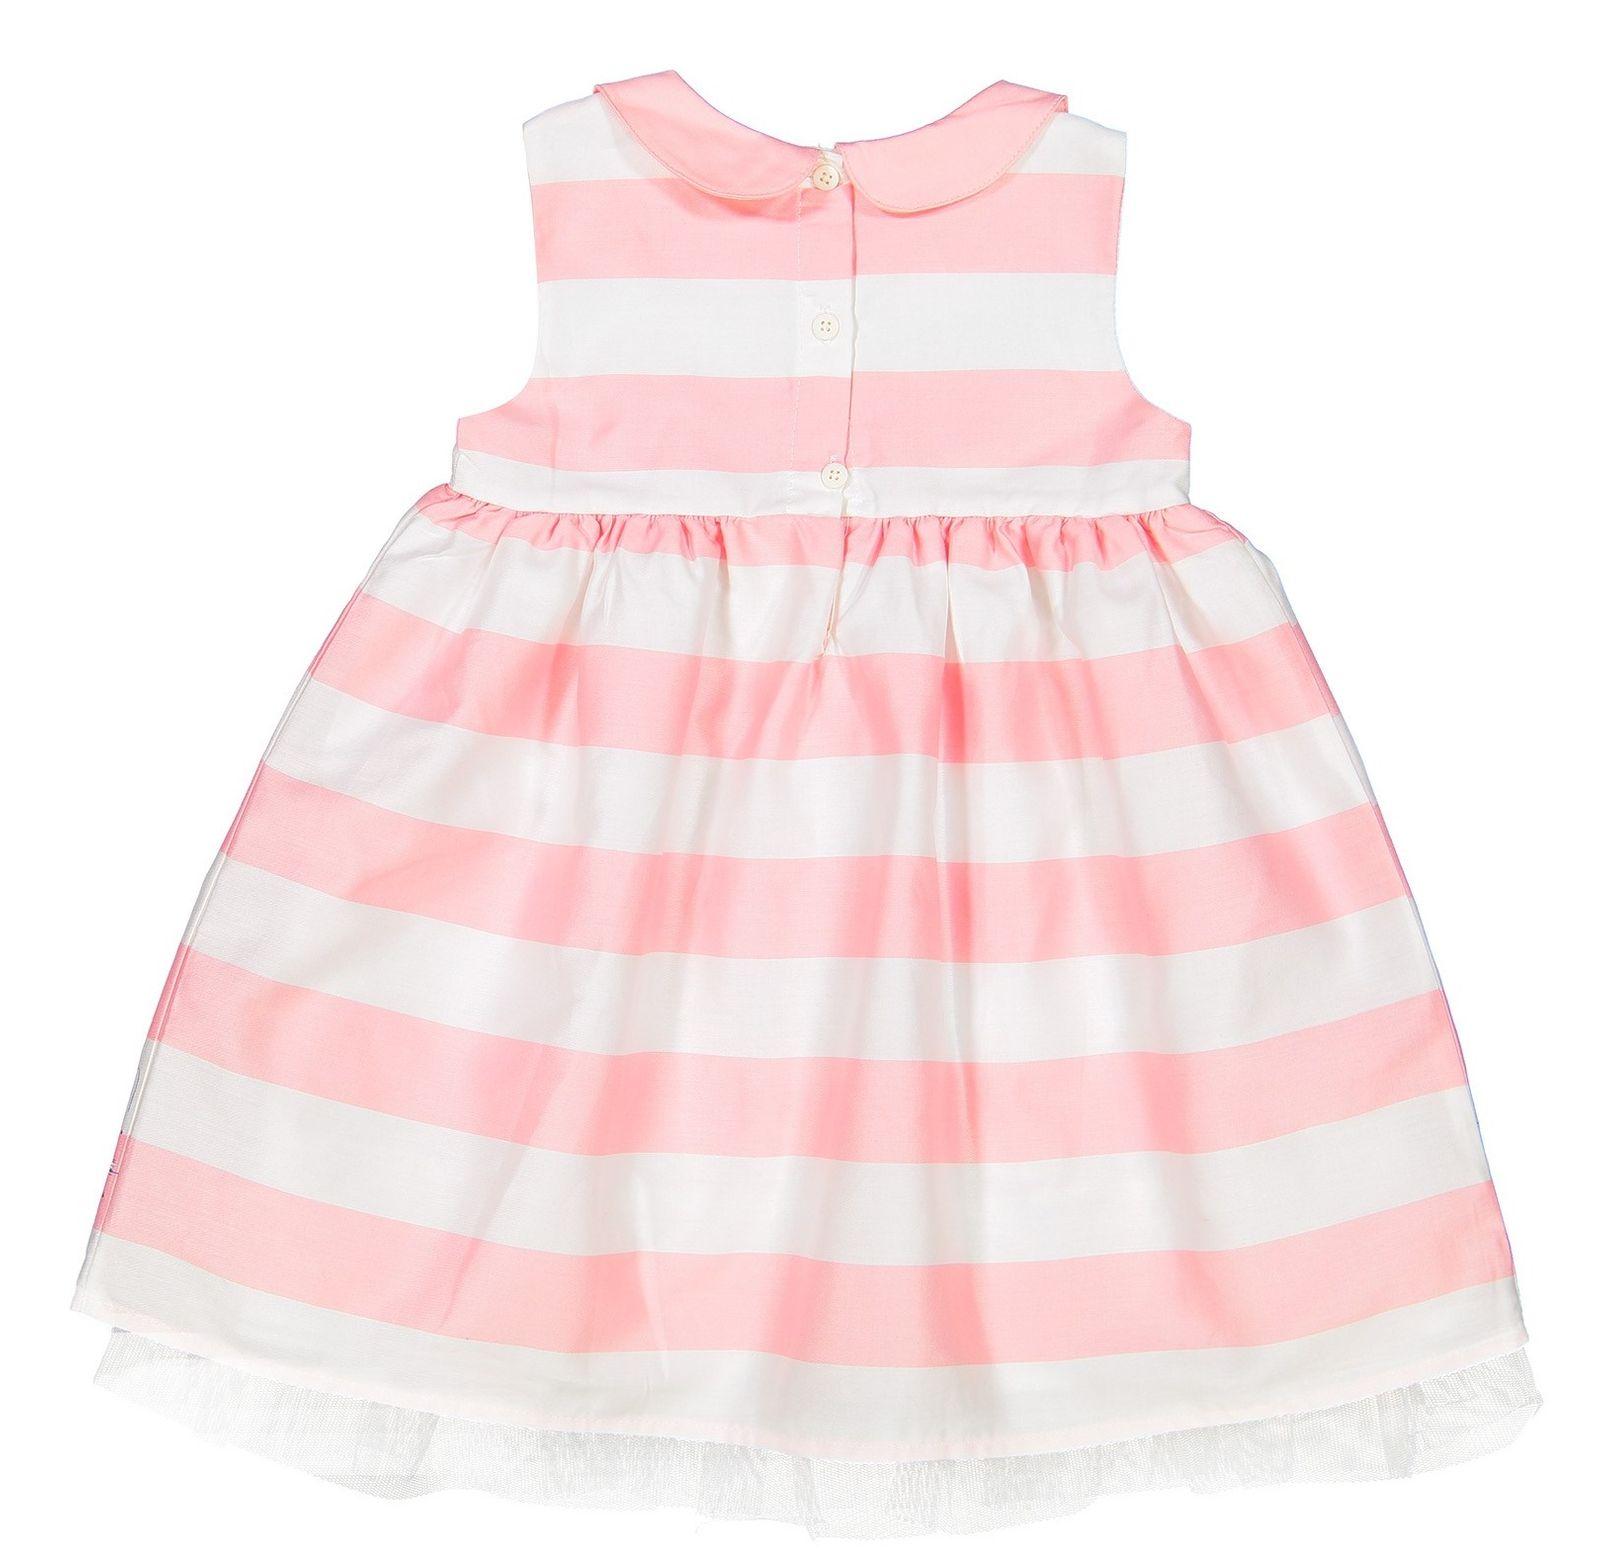 پیراهن نخی بدون آستین نوزادی دخترانه - ال سی وایکیکی - سفيد و صورتي - 2